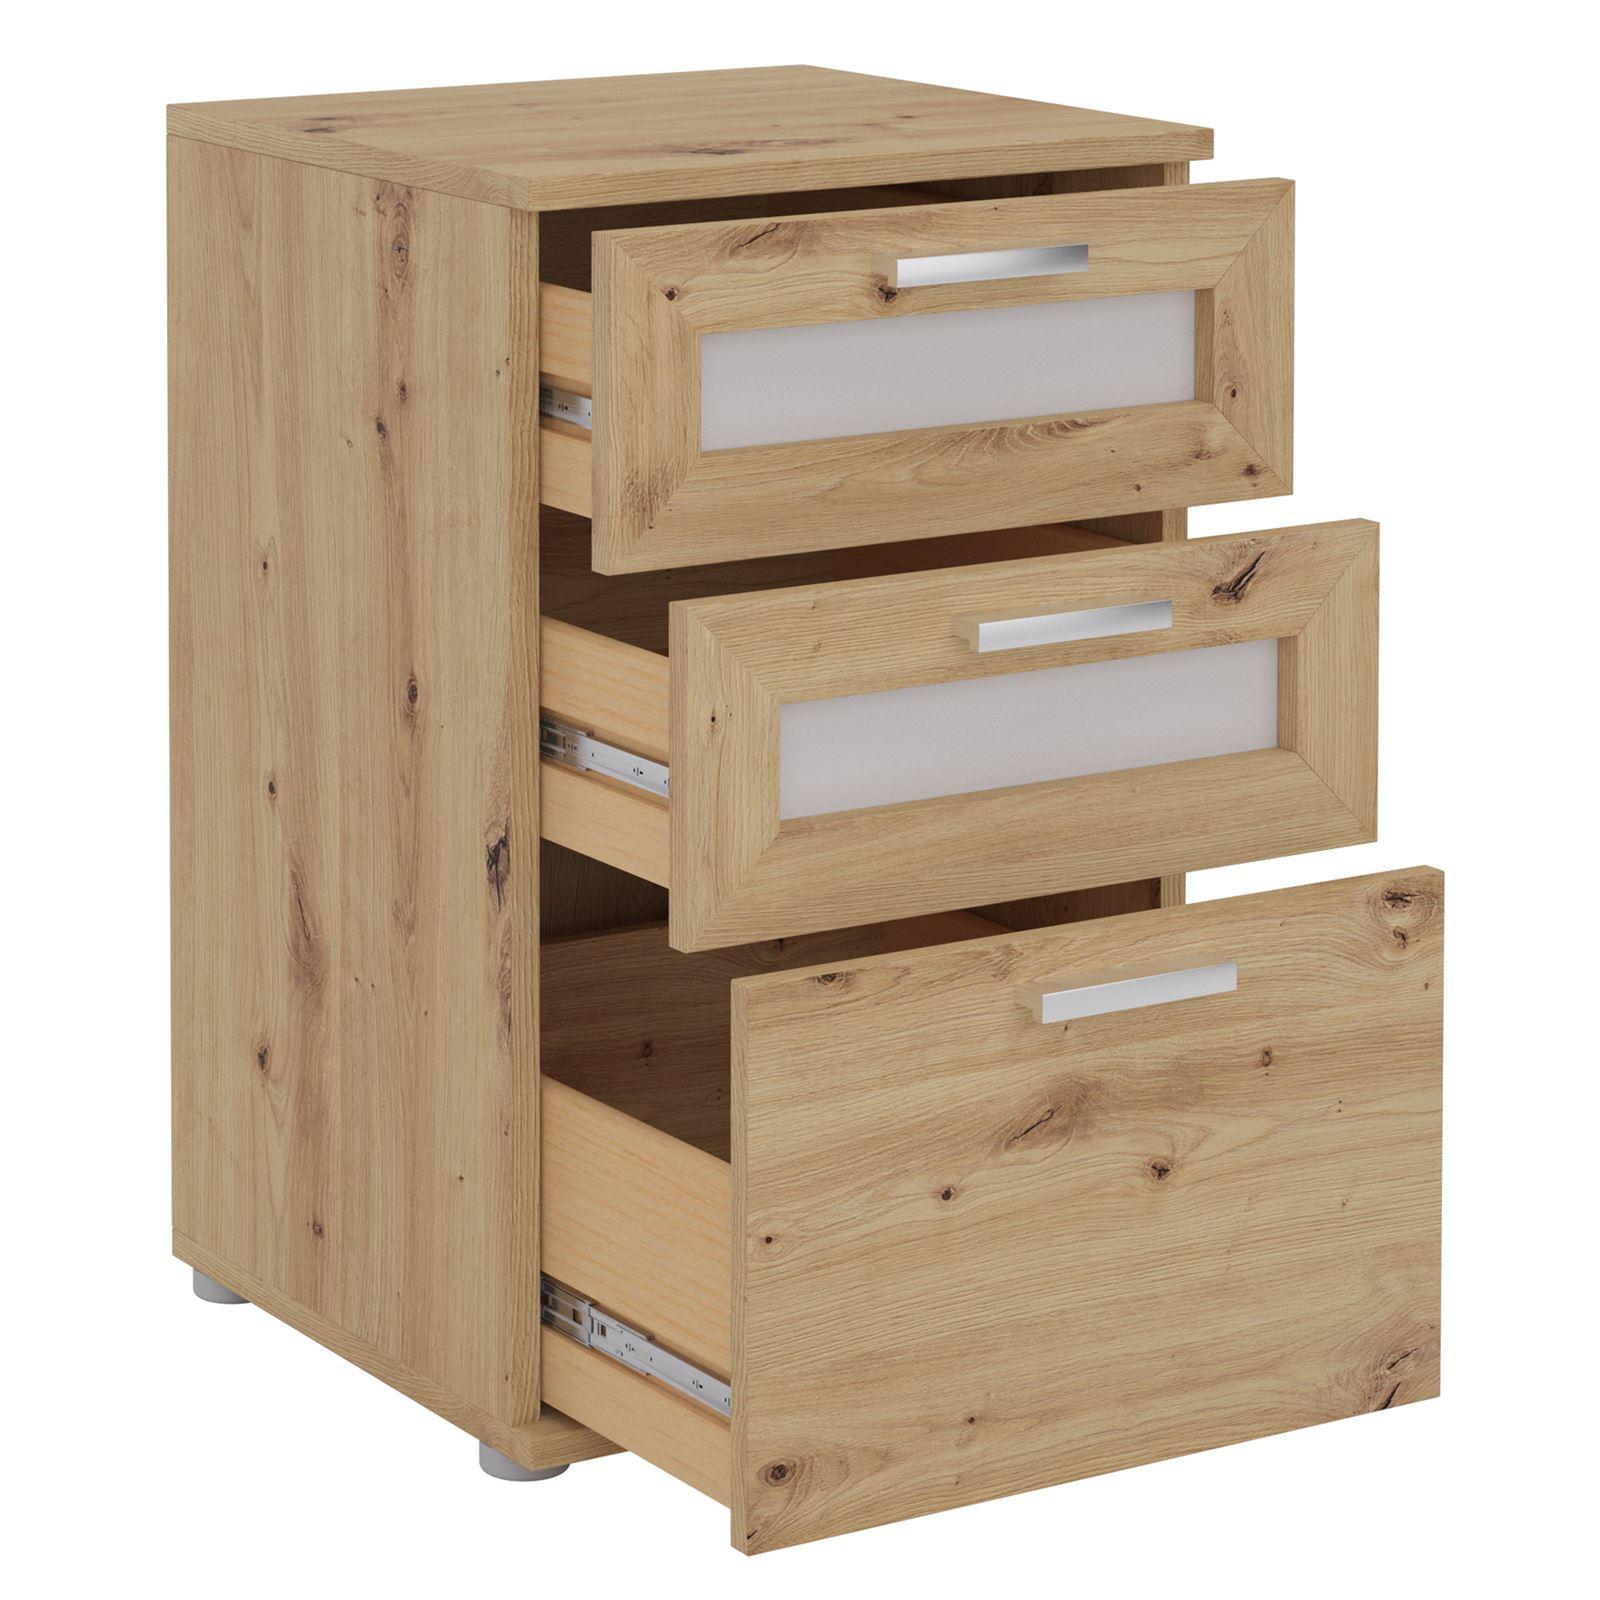 Indexbild 3 - Nachttisch Boxspringbett Nachtschrank Kommode Konsole Beistell 3 Schubladen